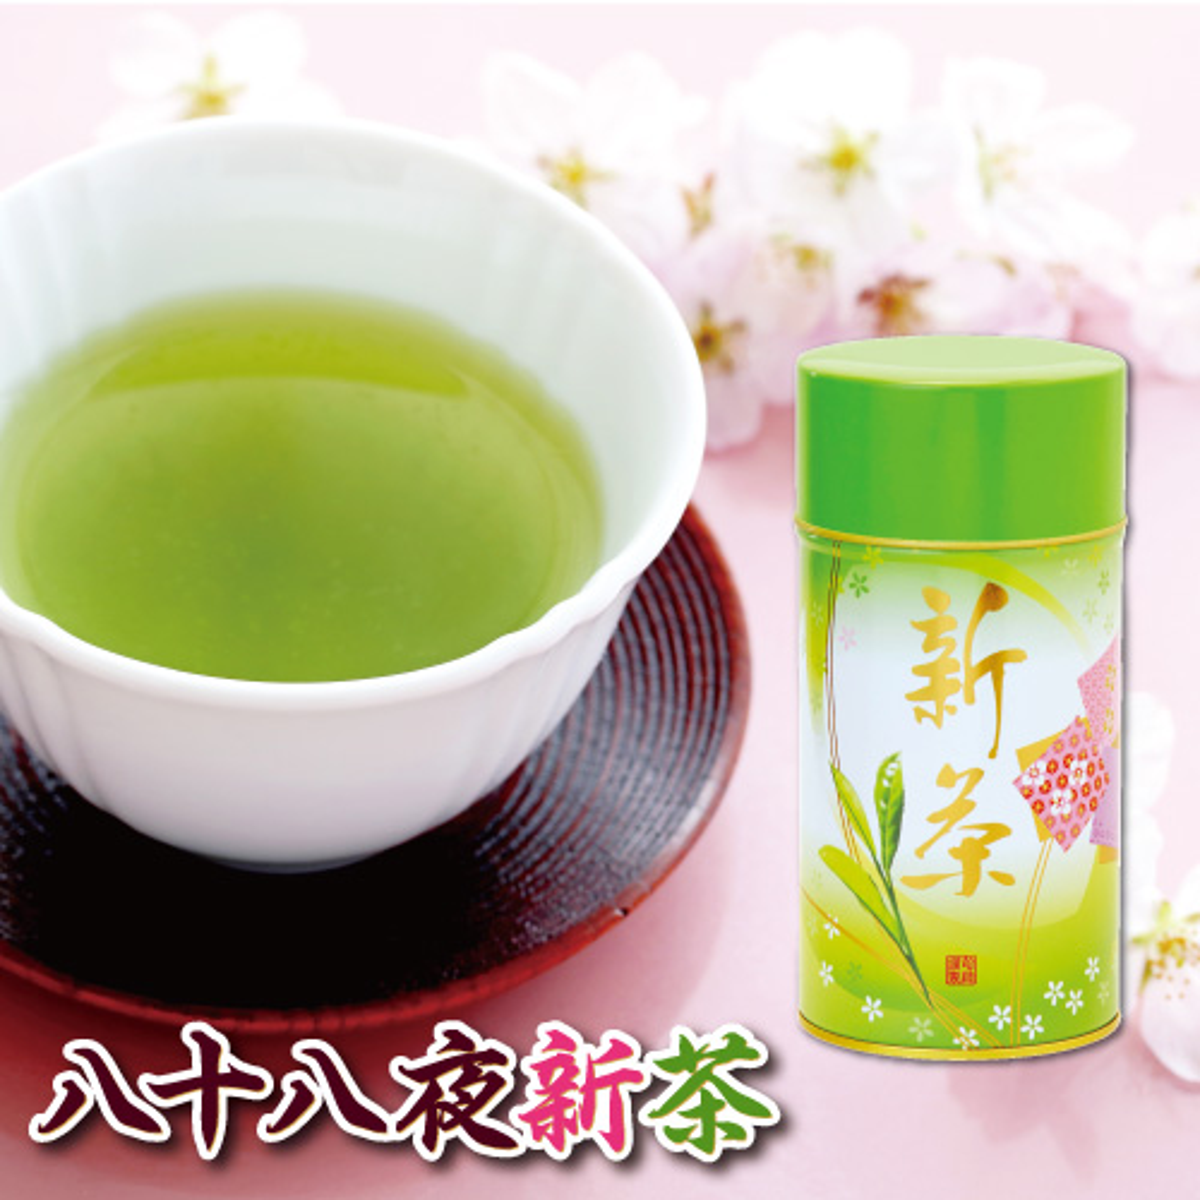 【予約商品】八十八夜新茶(200g缶入り)【5月2日以降順次発送】